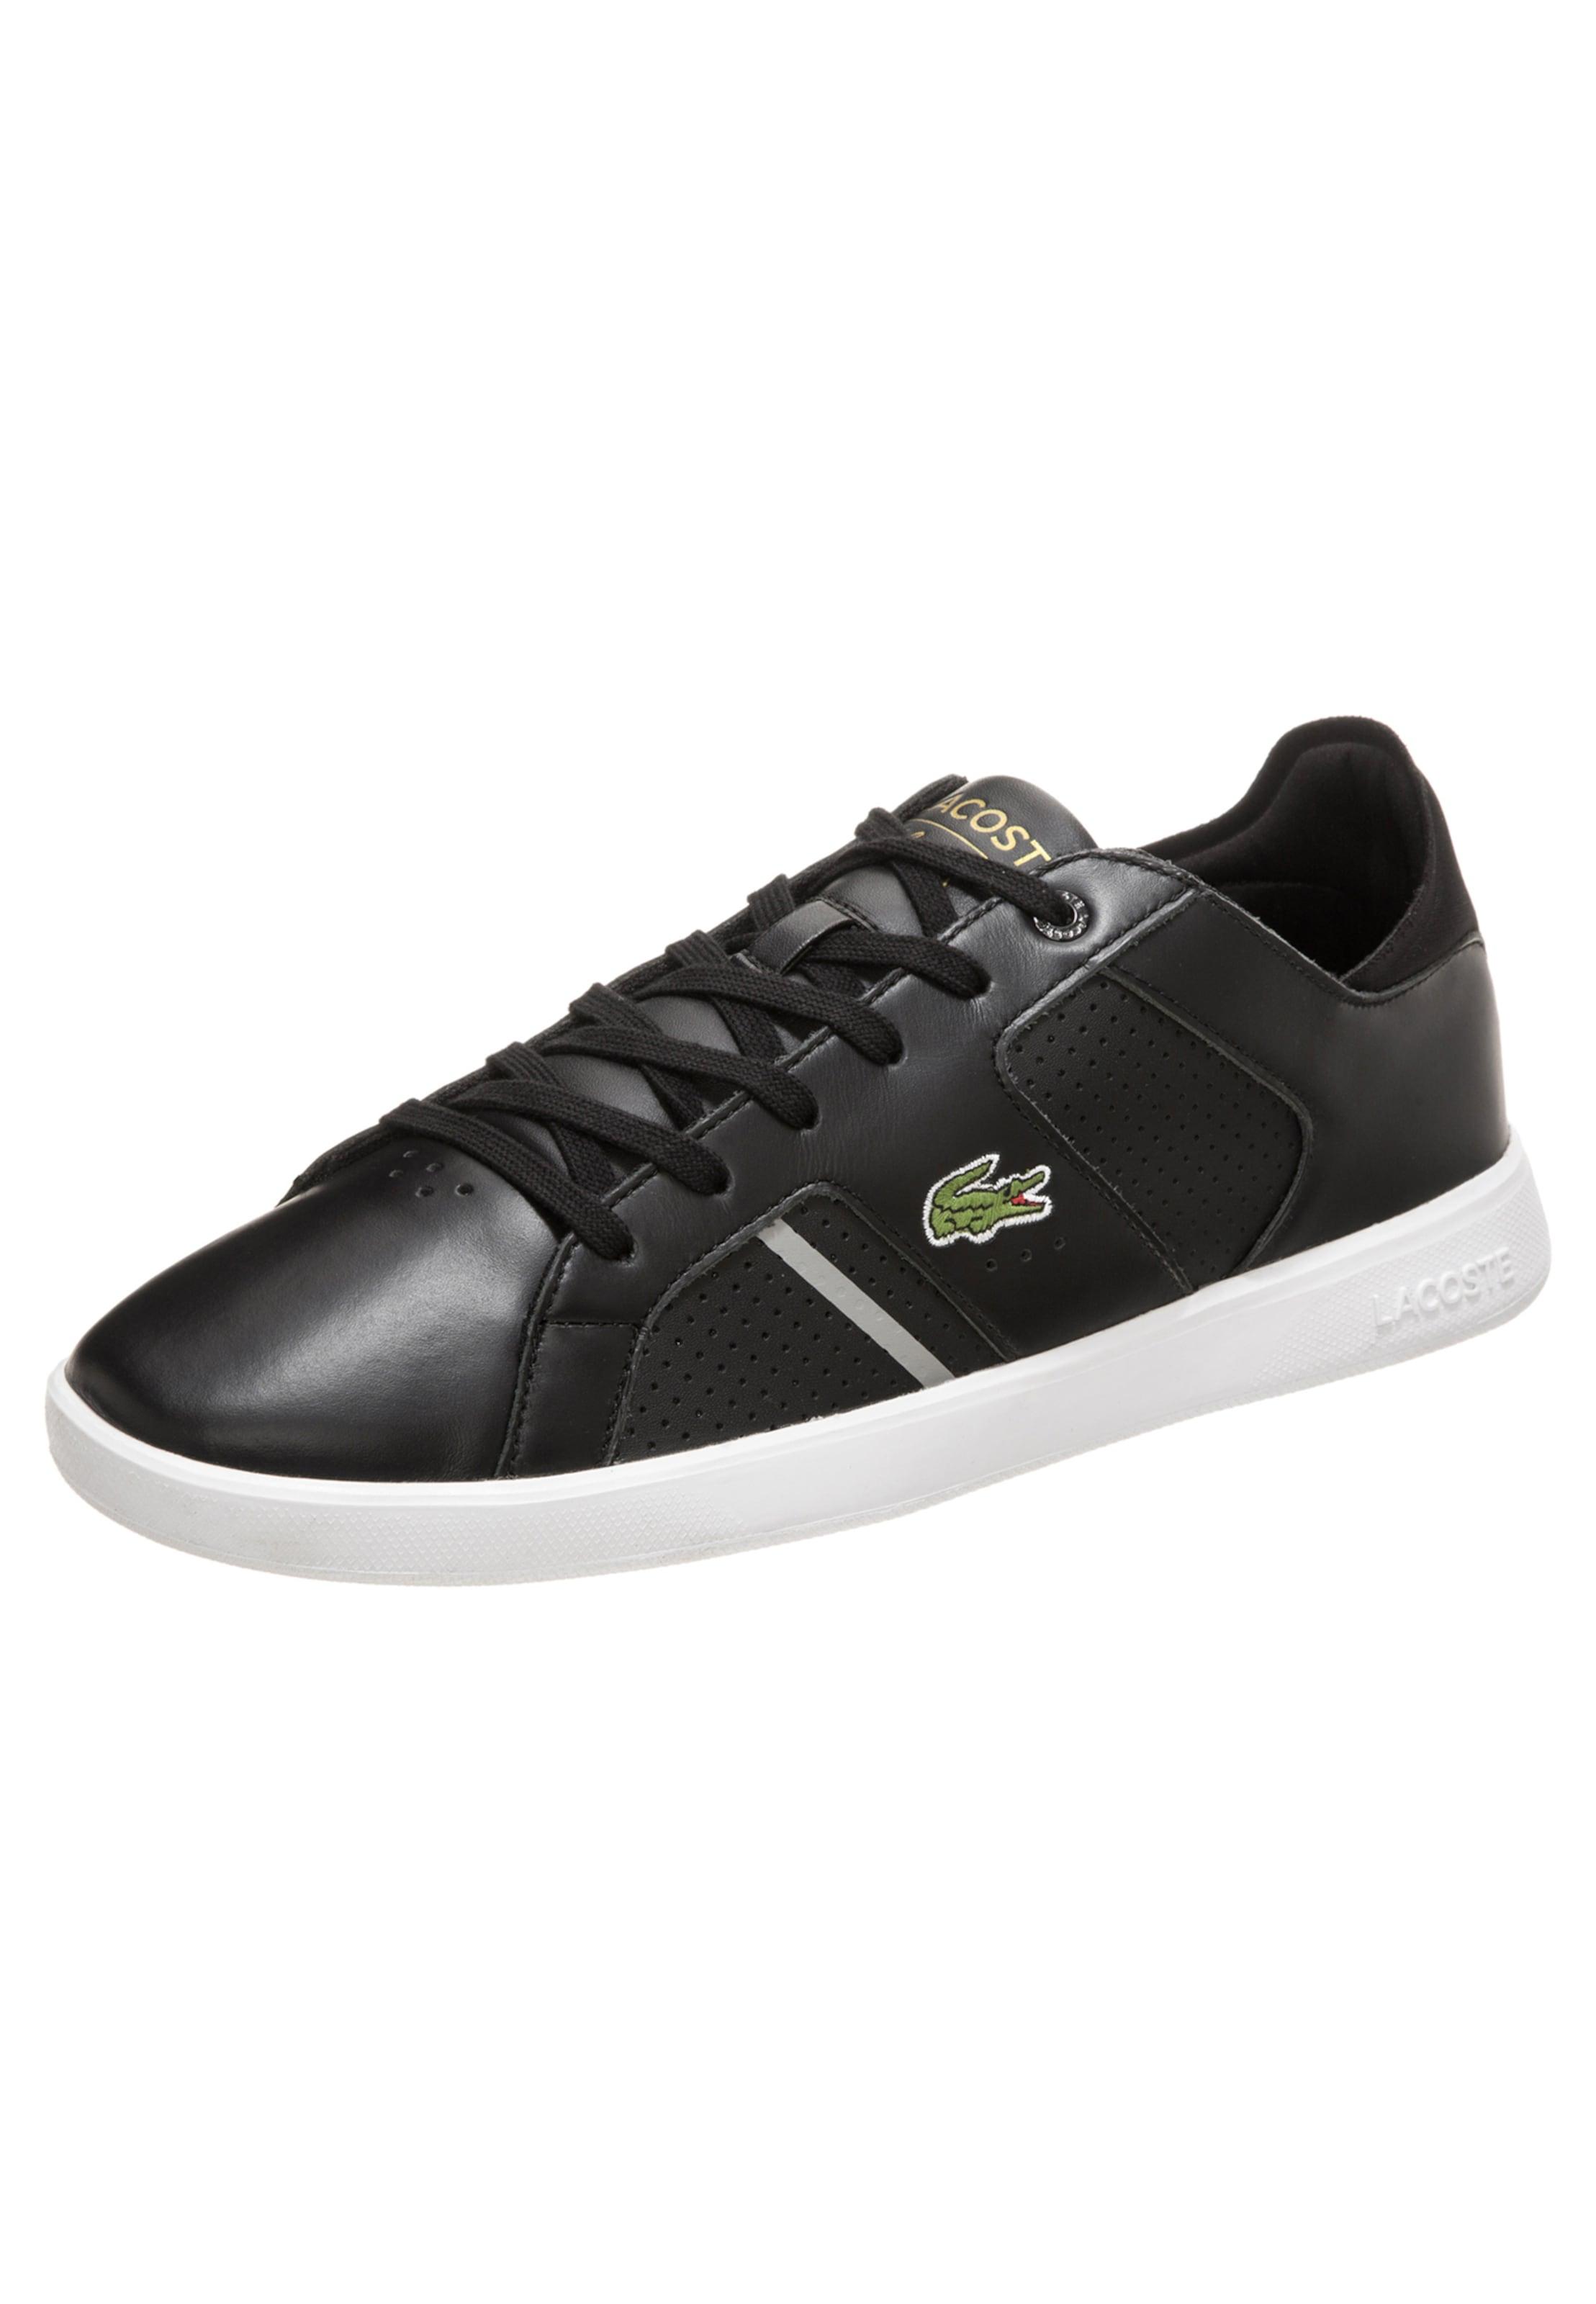 LACOSTE Novas Sneaker Herren Verschleißfeste billige Schuhe